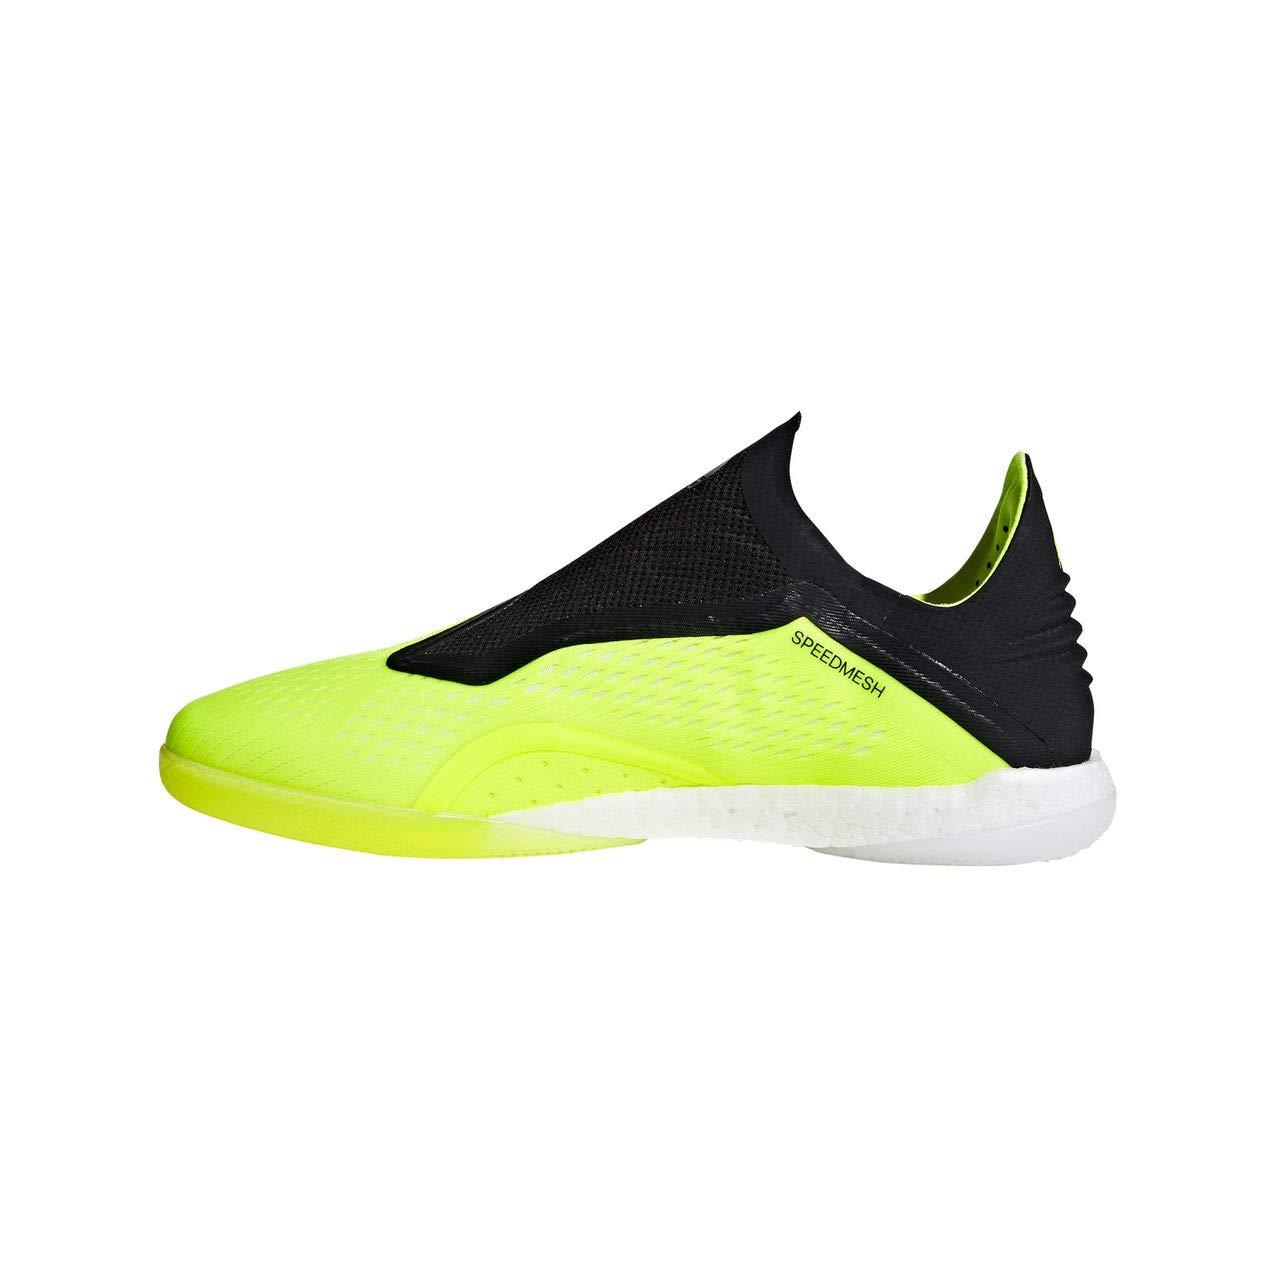 Adidas Herren X Tango 18+ in Fußballschuhe